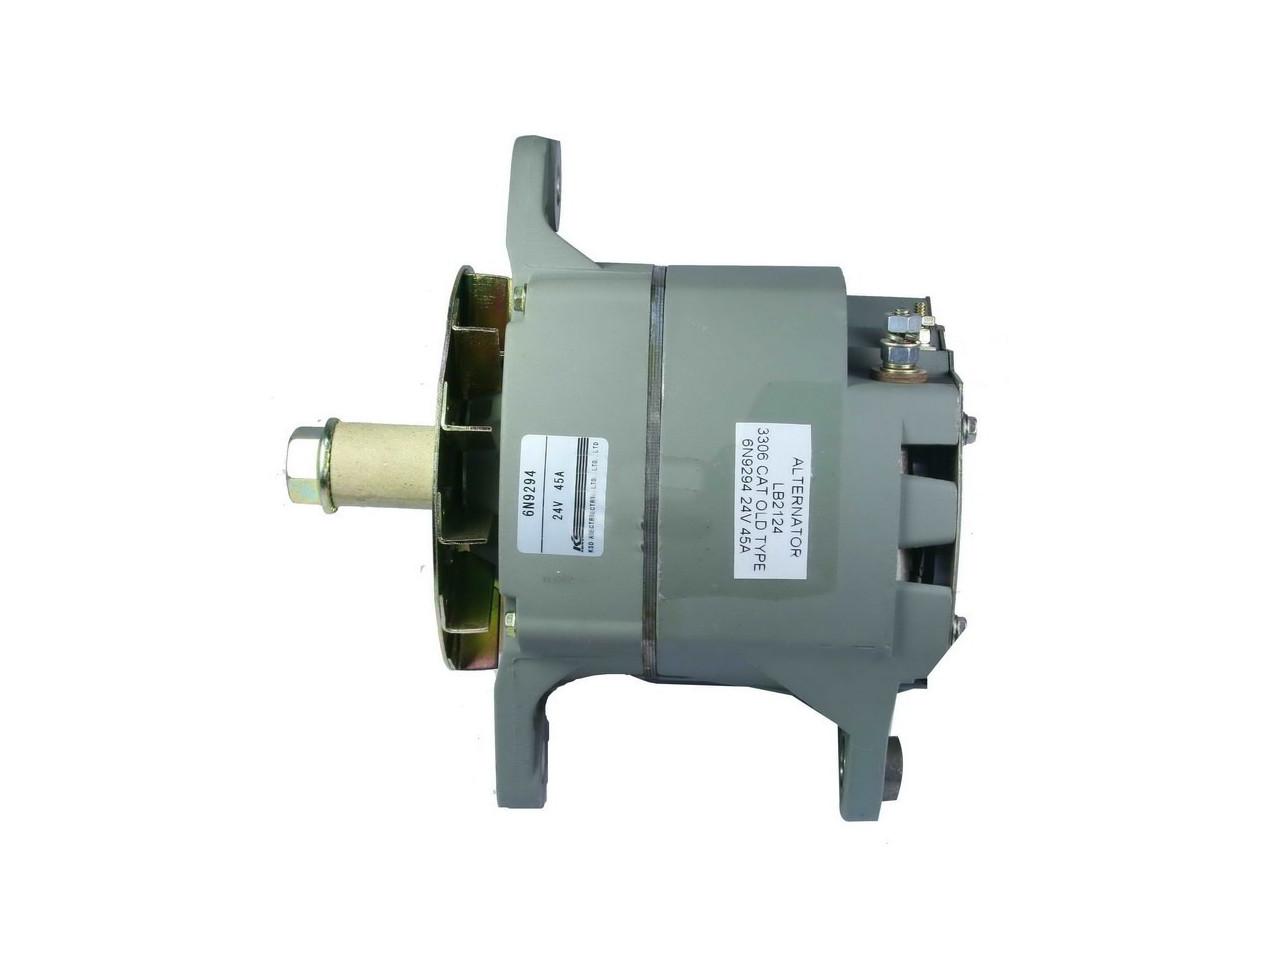 Генератор (переменного тока, старого образца) 6N9294